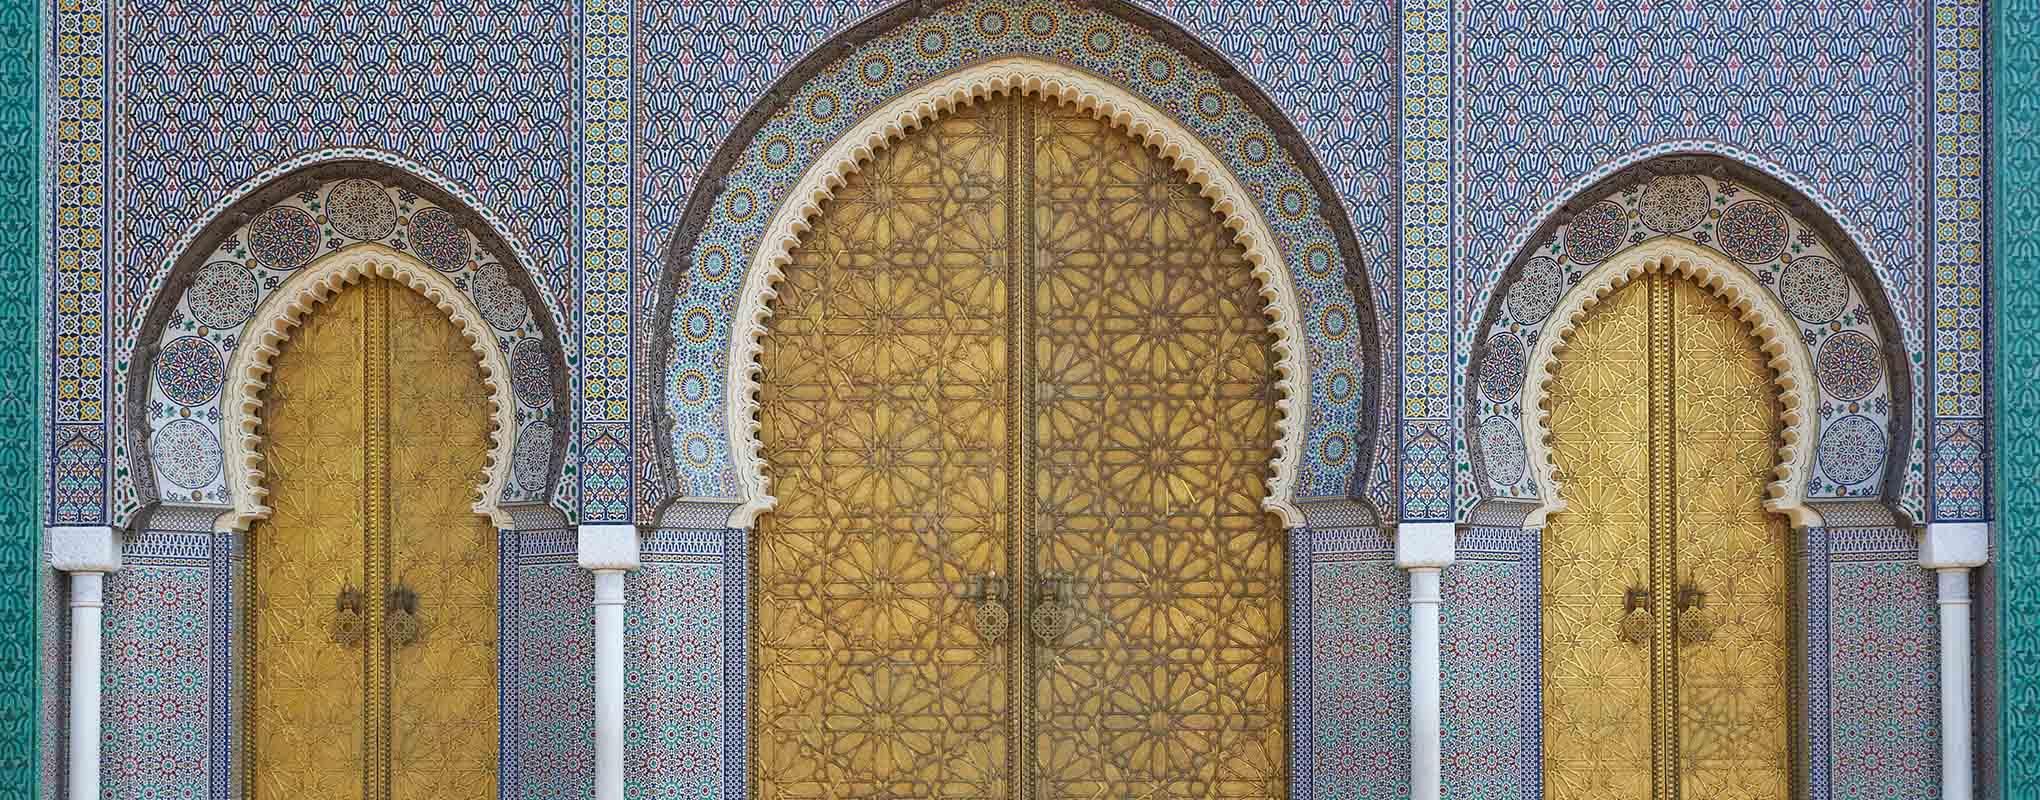 Fez ciudad imperial de Marruecos